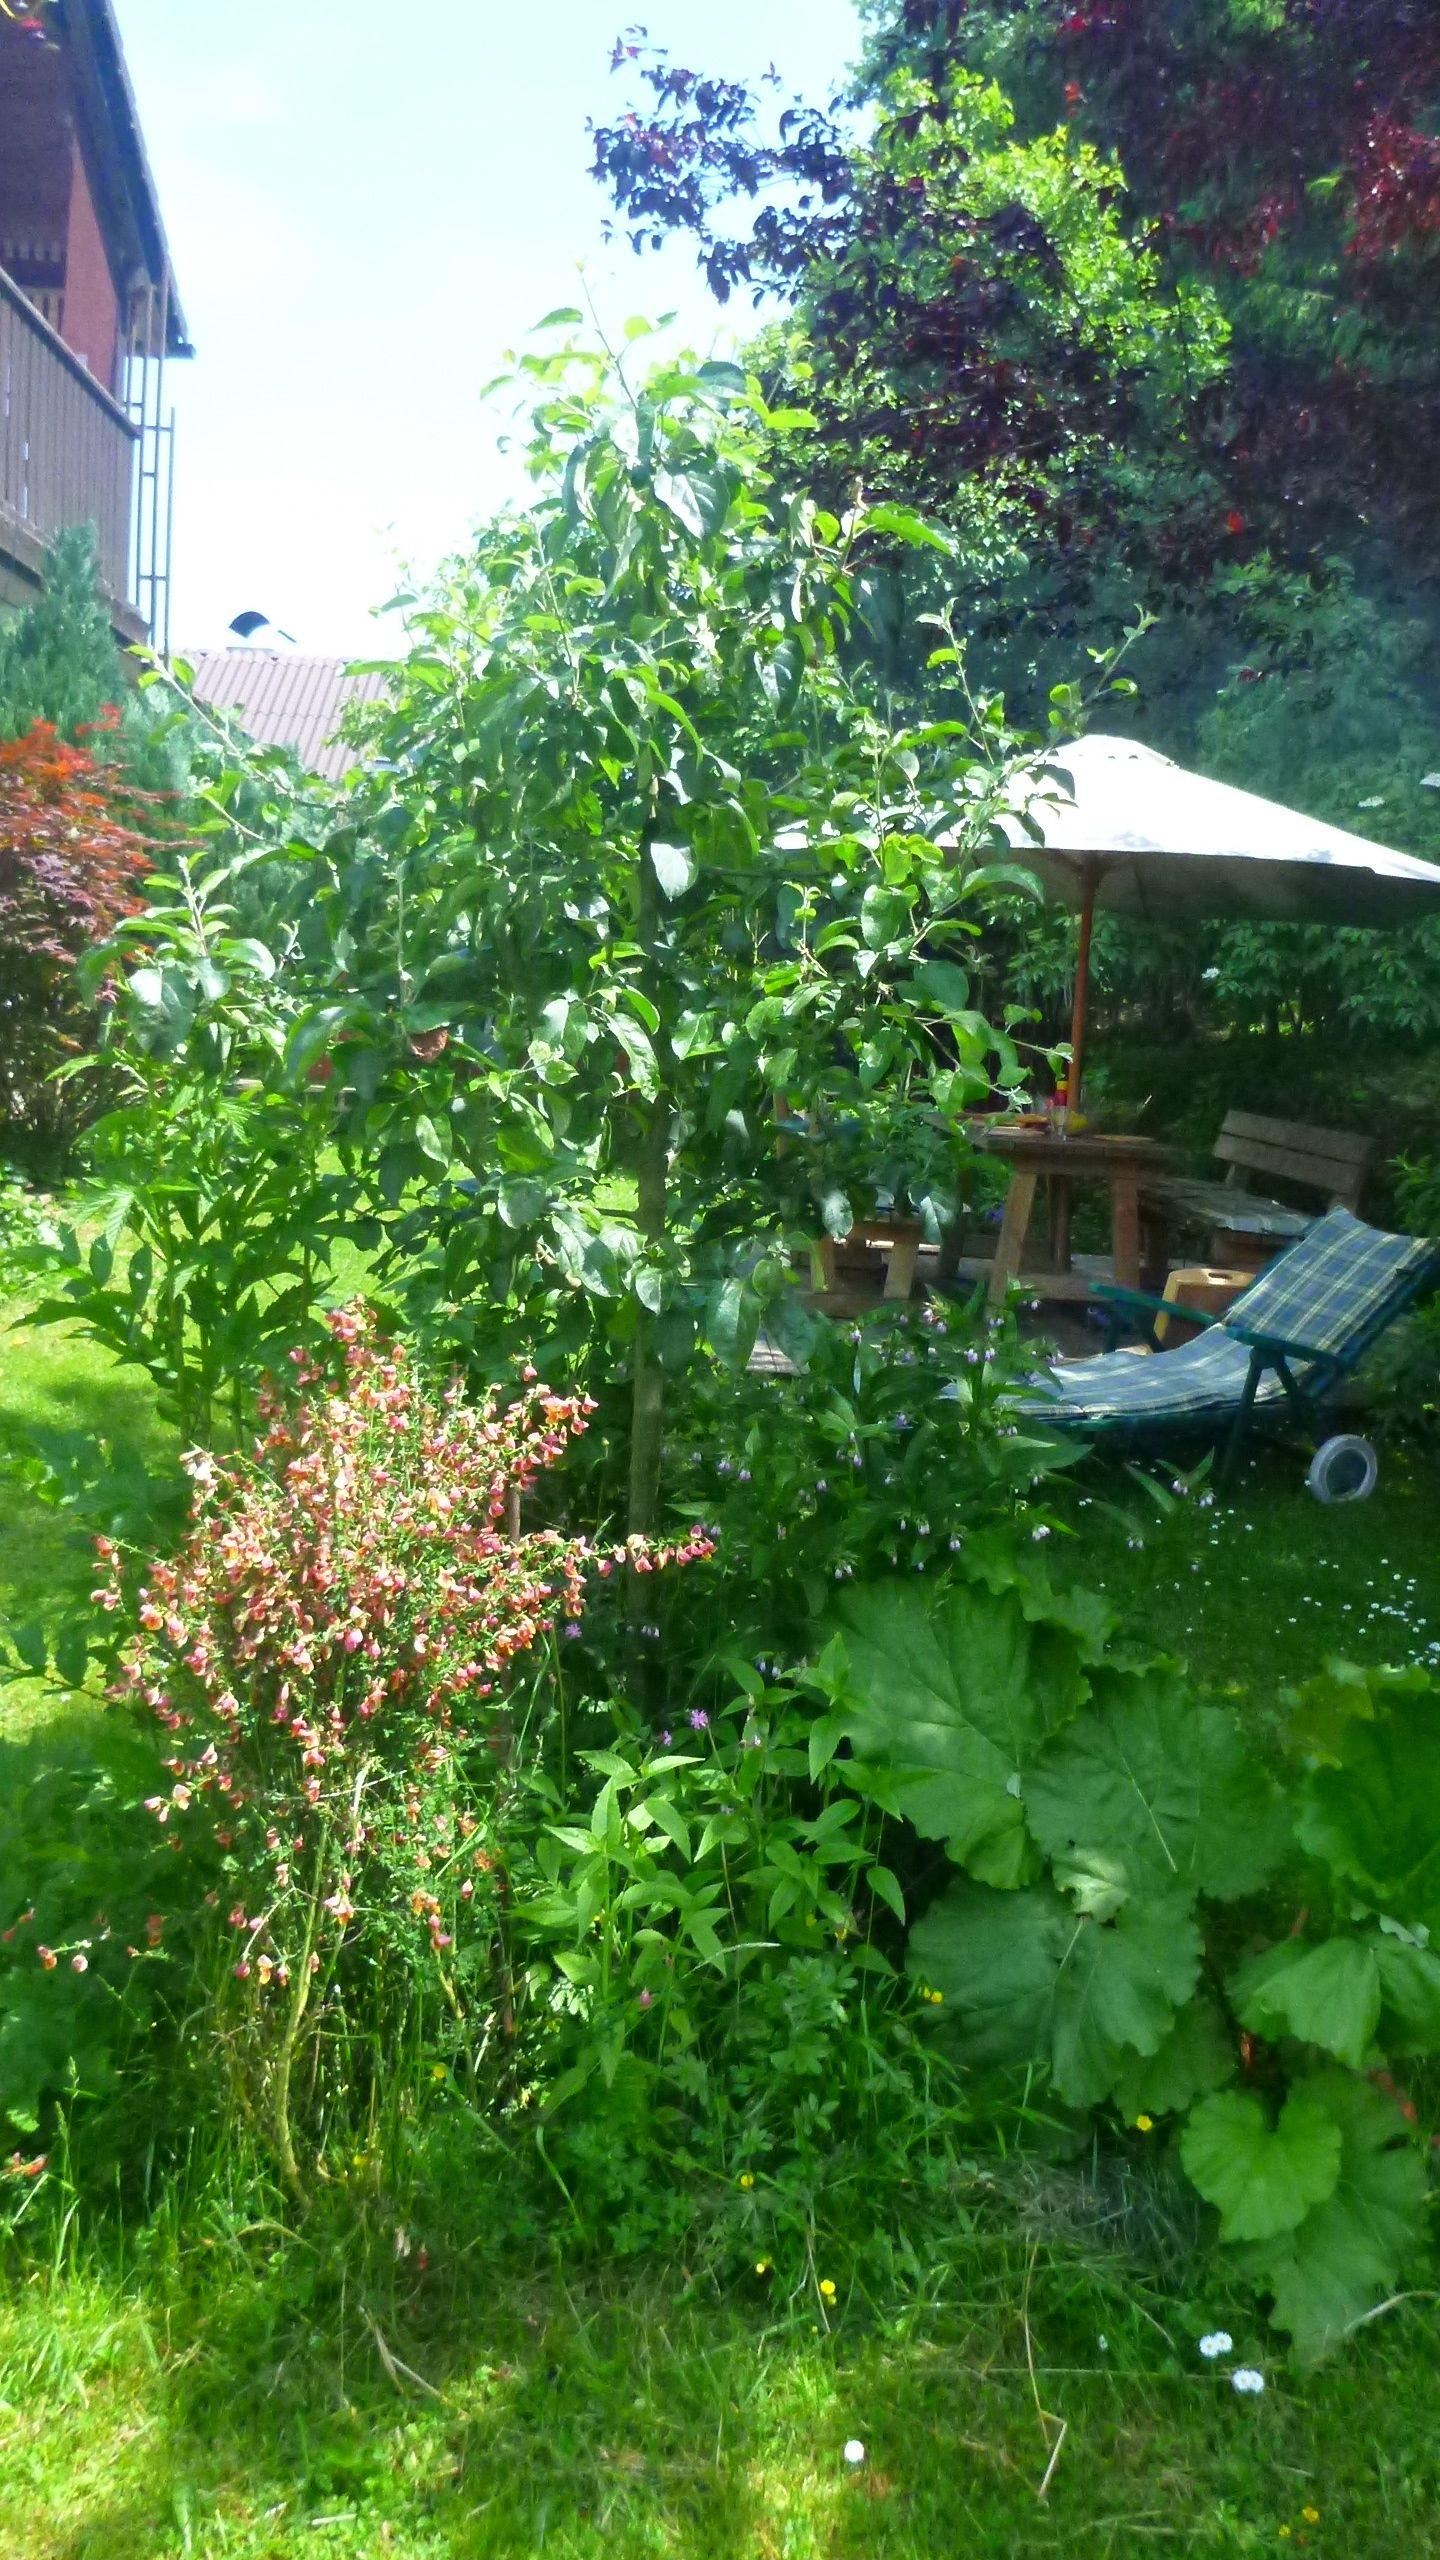 Bauminsel im eigenen Garten